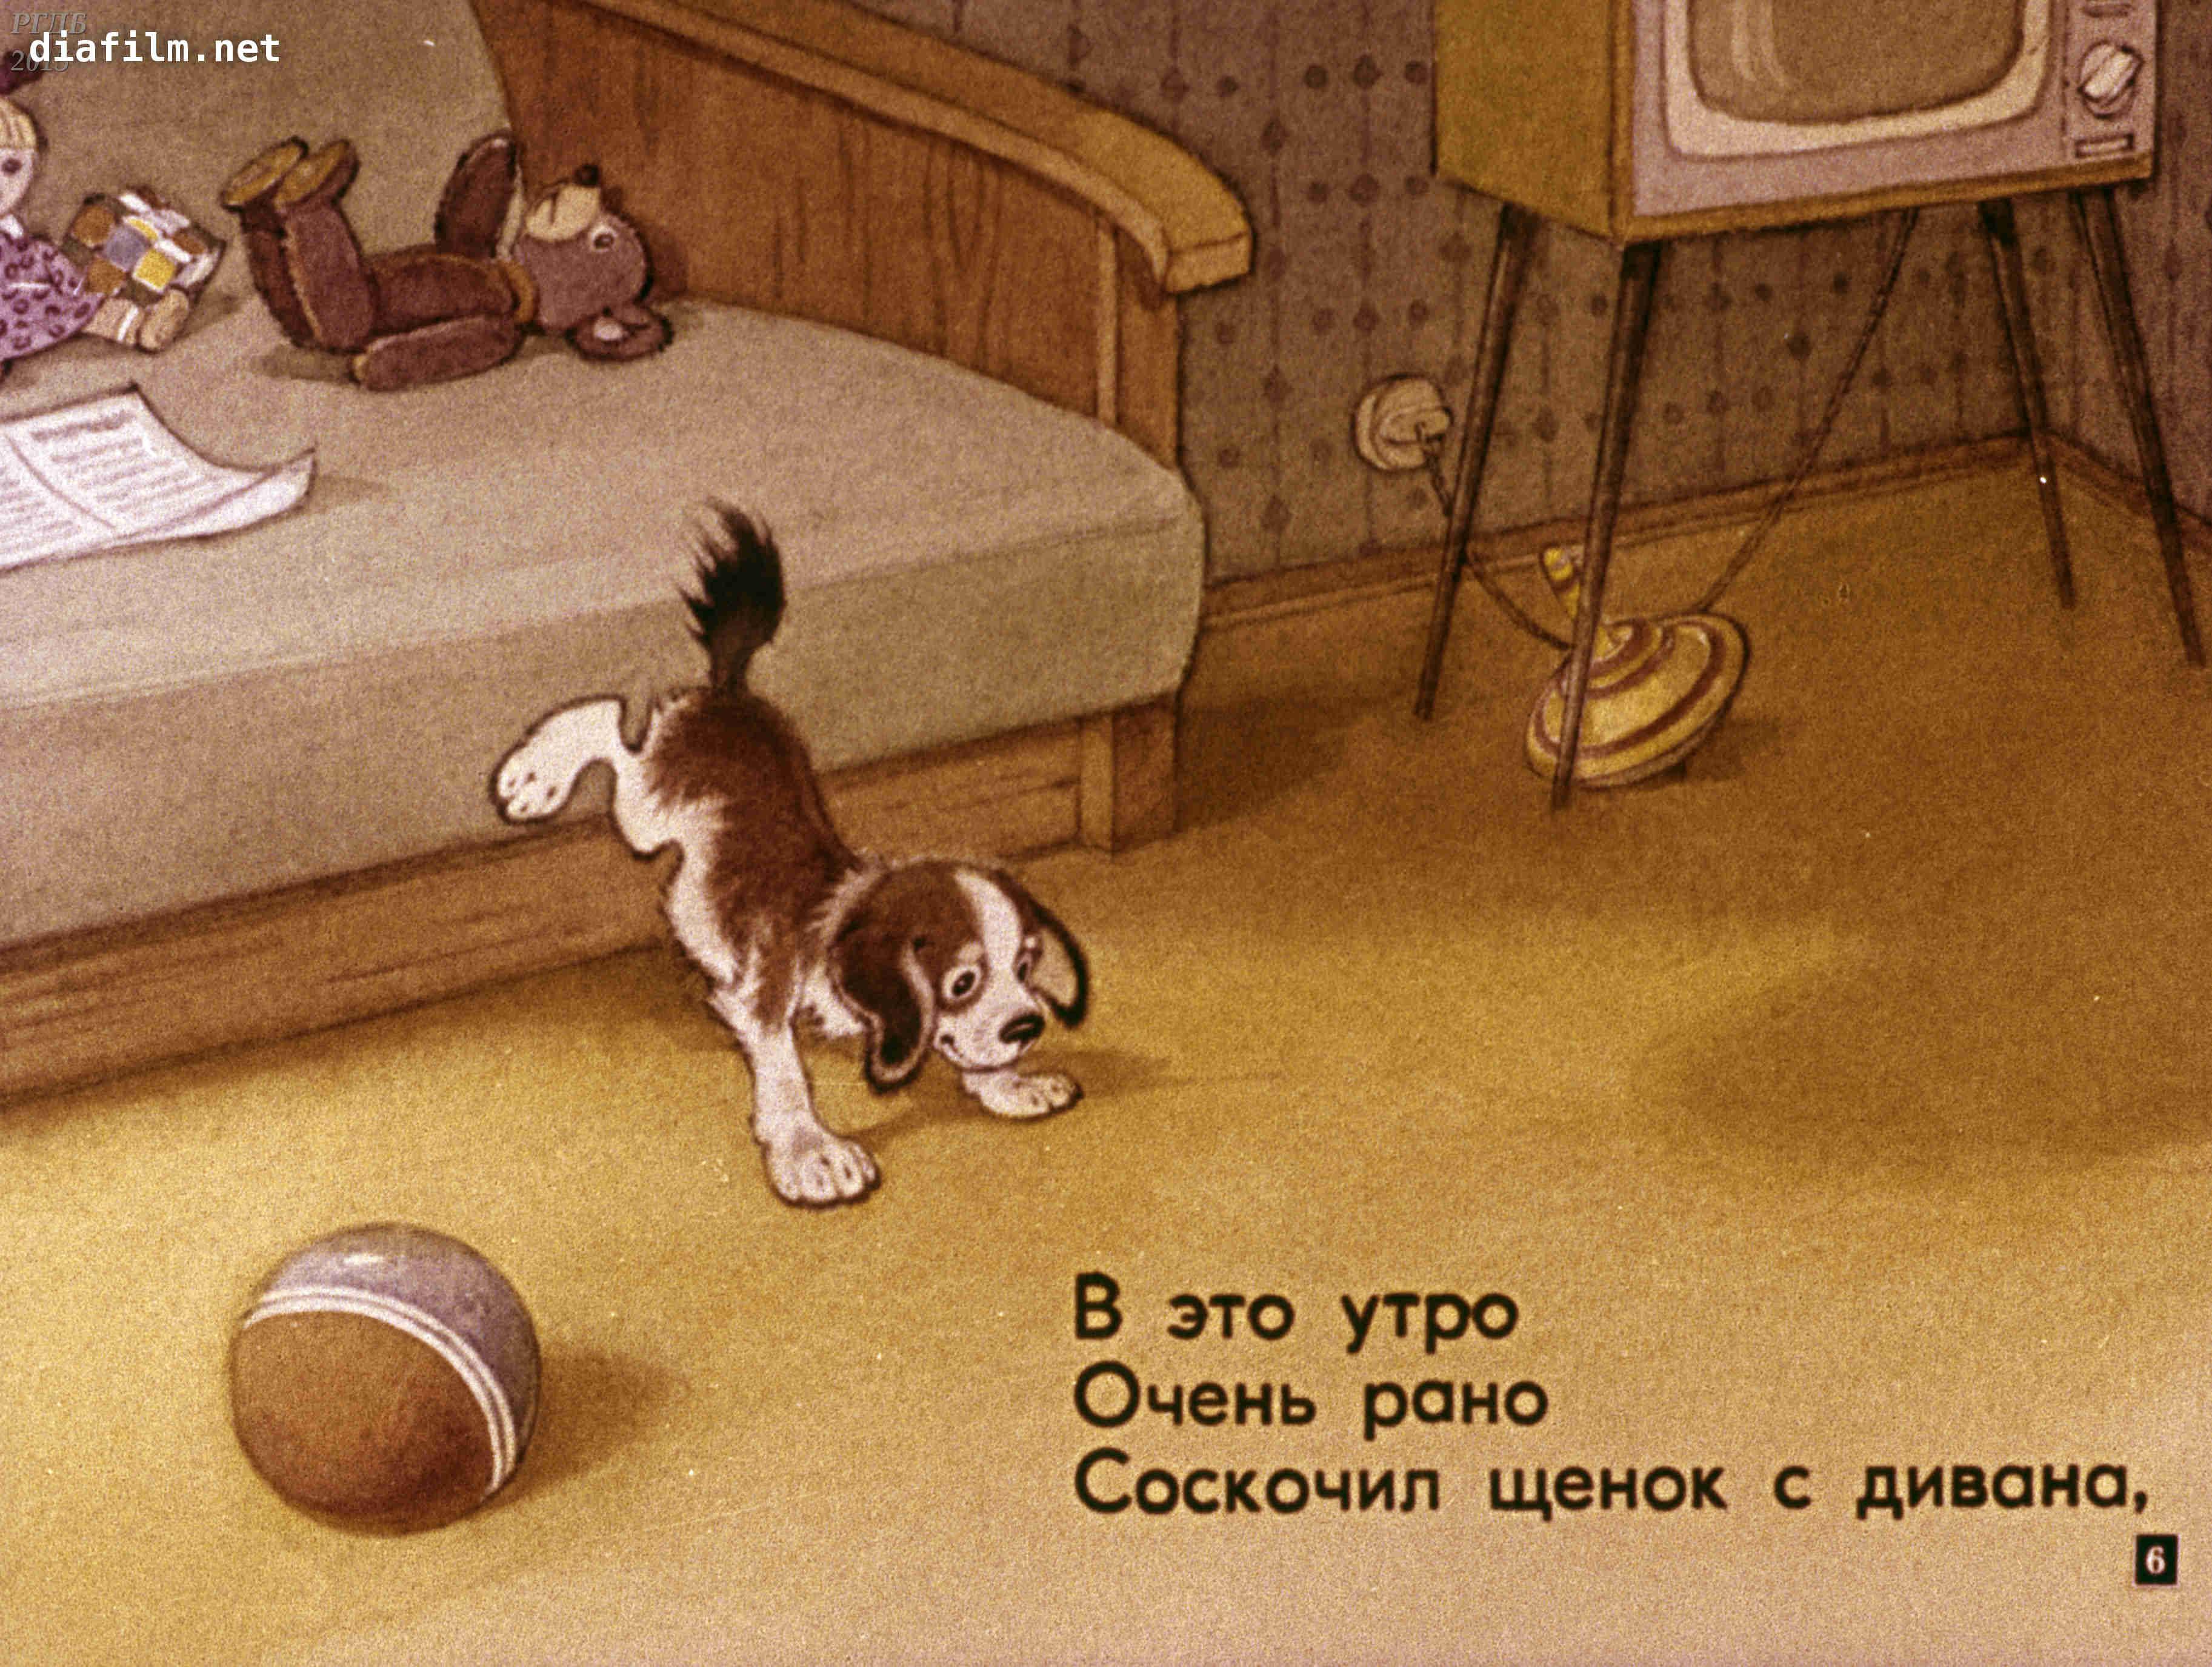 сожалению, у меня пропал щенок стих с картинками правой трети